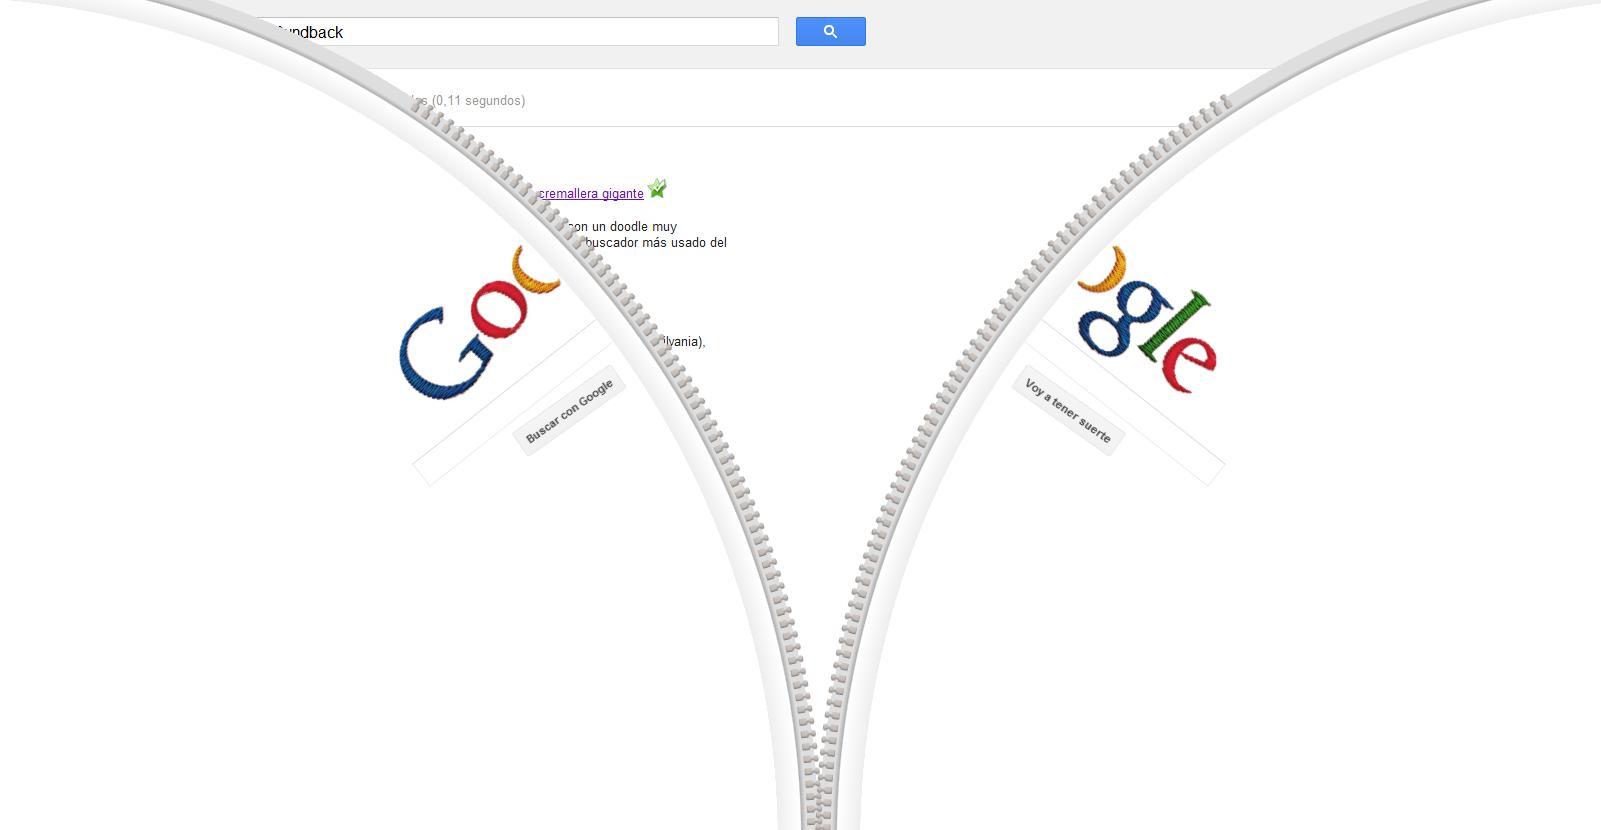 google-doodle-zip